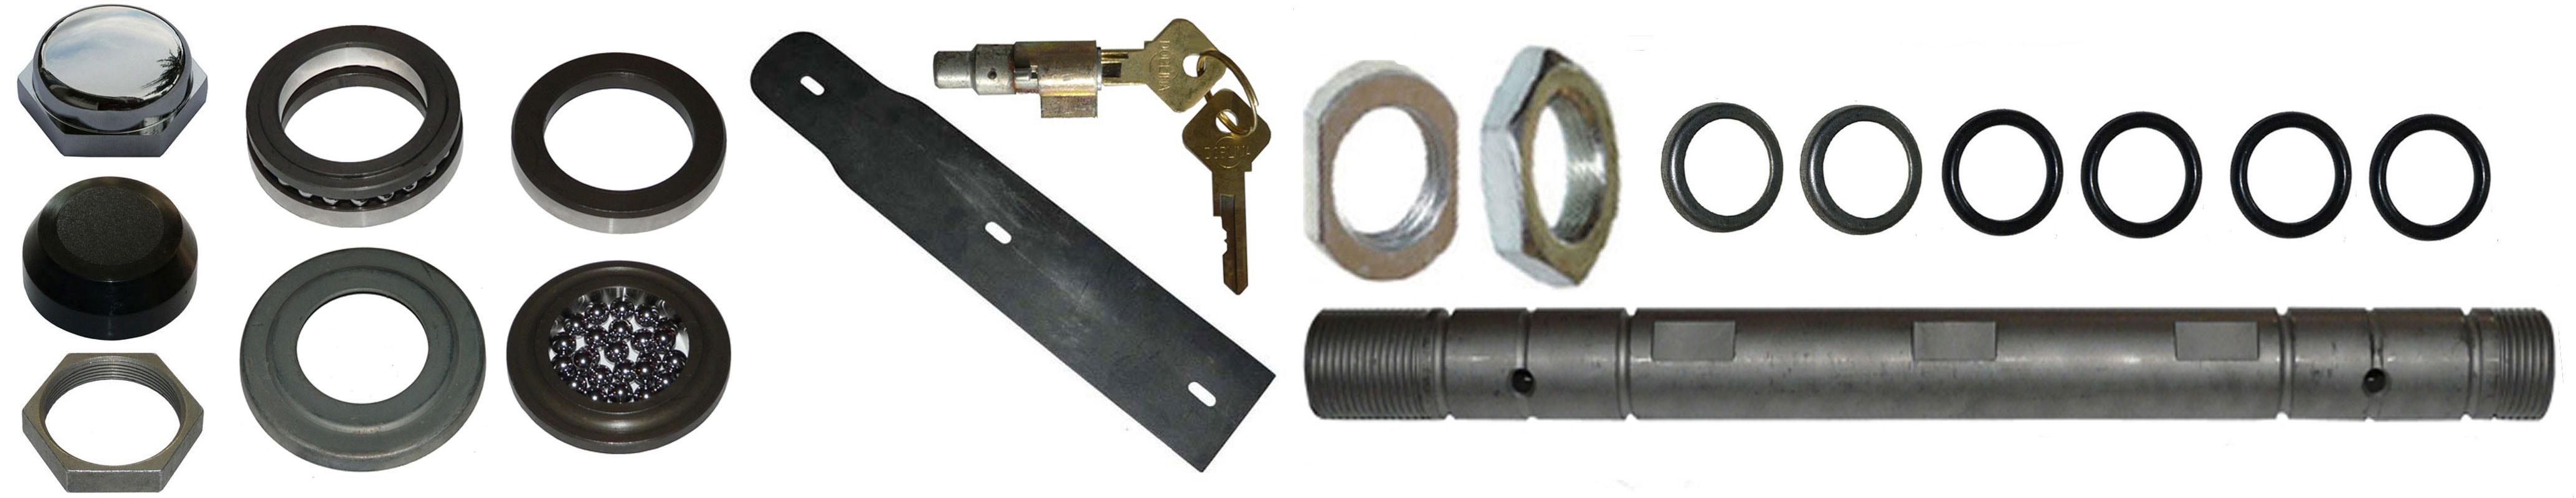 MZ ES 125 150 Ersatzteile Schwingenträger